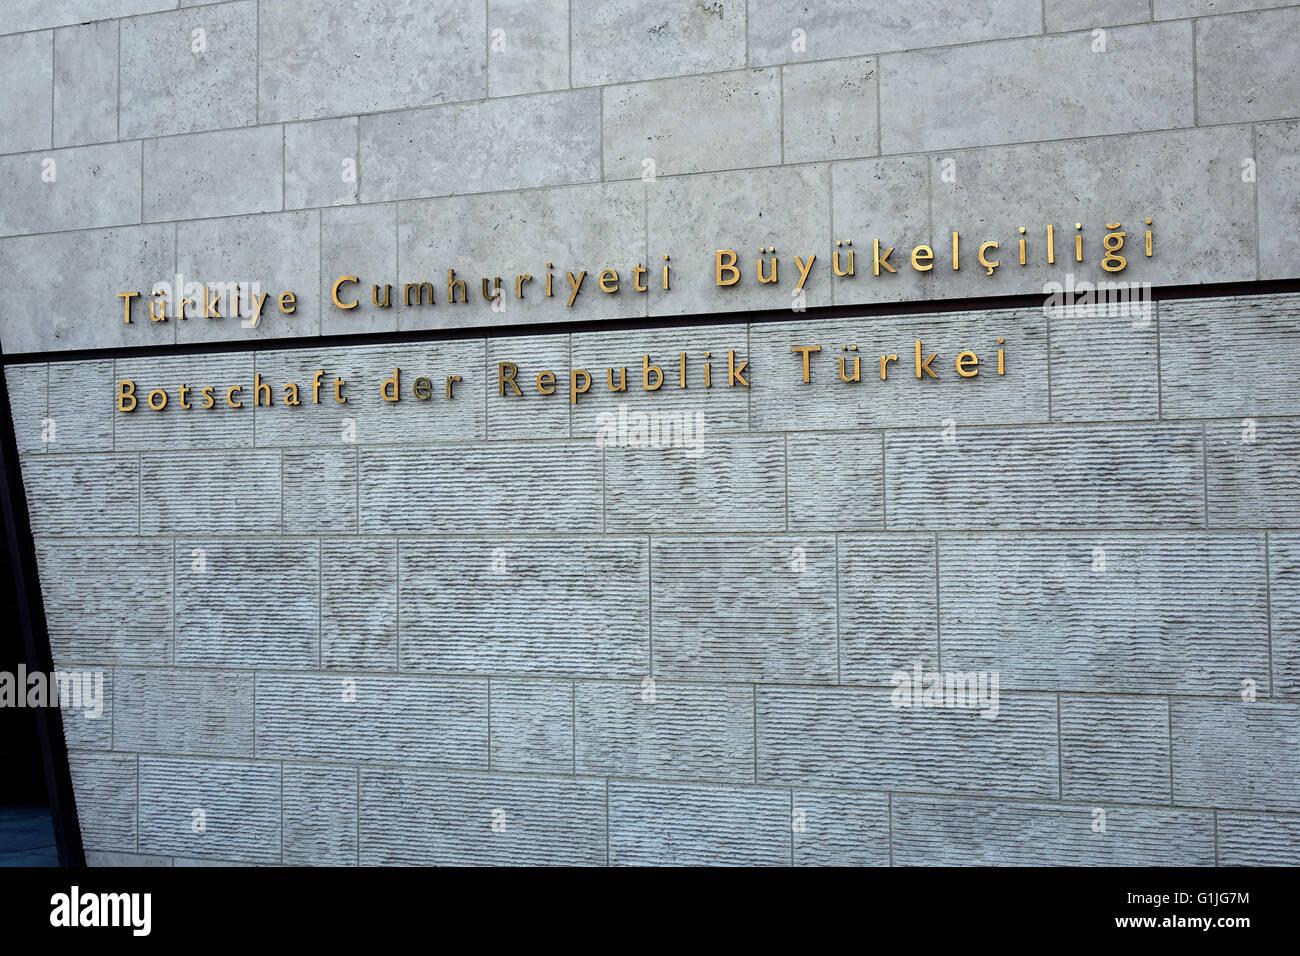 Berlin Tiergarten, Deutschland. 13. Februar 2016. Die türkische ...